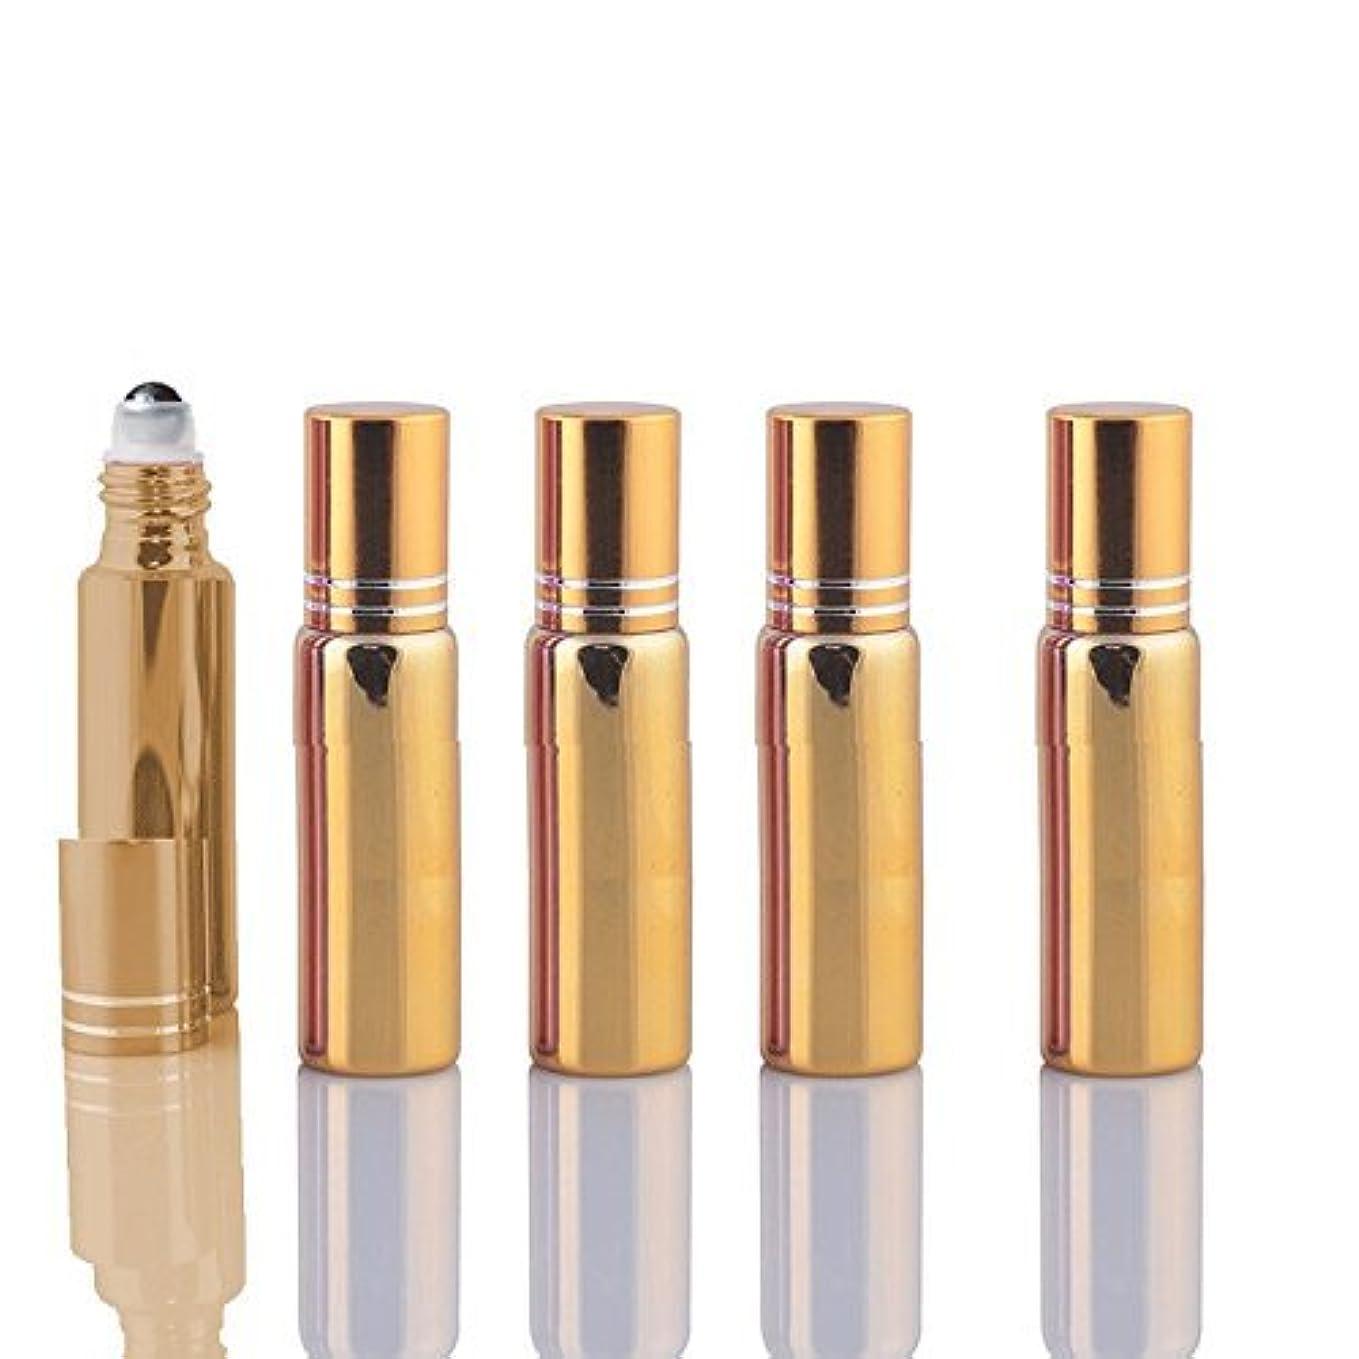 第キリン彼らは10 Sets Colored 5ml UV Coated Glass Roller Ball Refillable Rollon Bottles Grand Parfums with Stainless Steel Rollers...